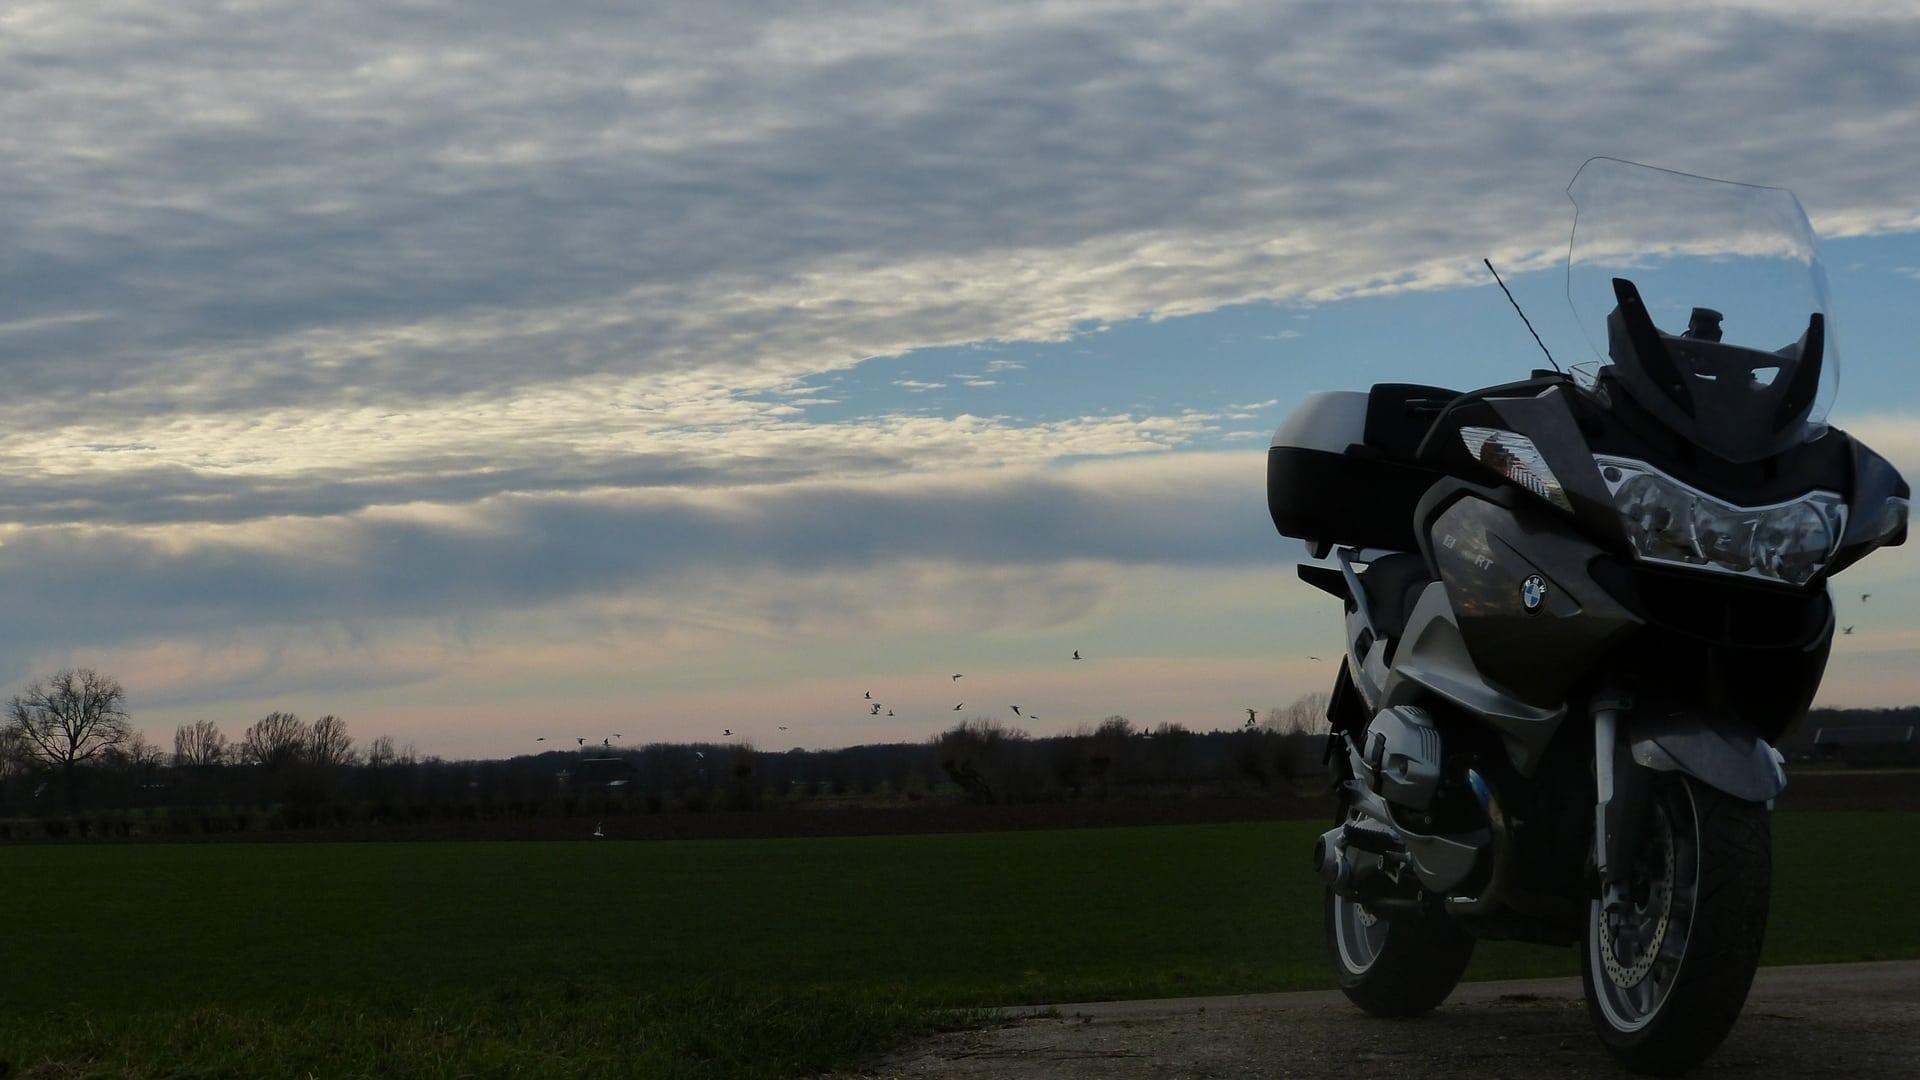 http://www.mijnalbum.nl/Foto650-VCFJ34AW.jpg